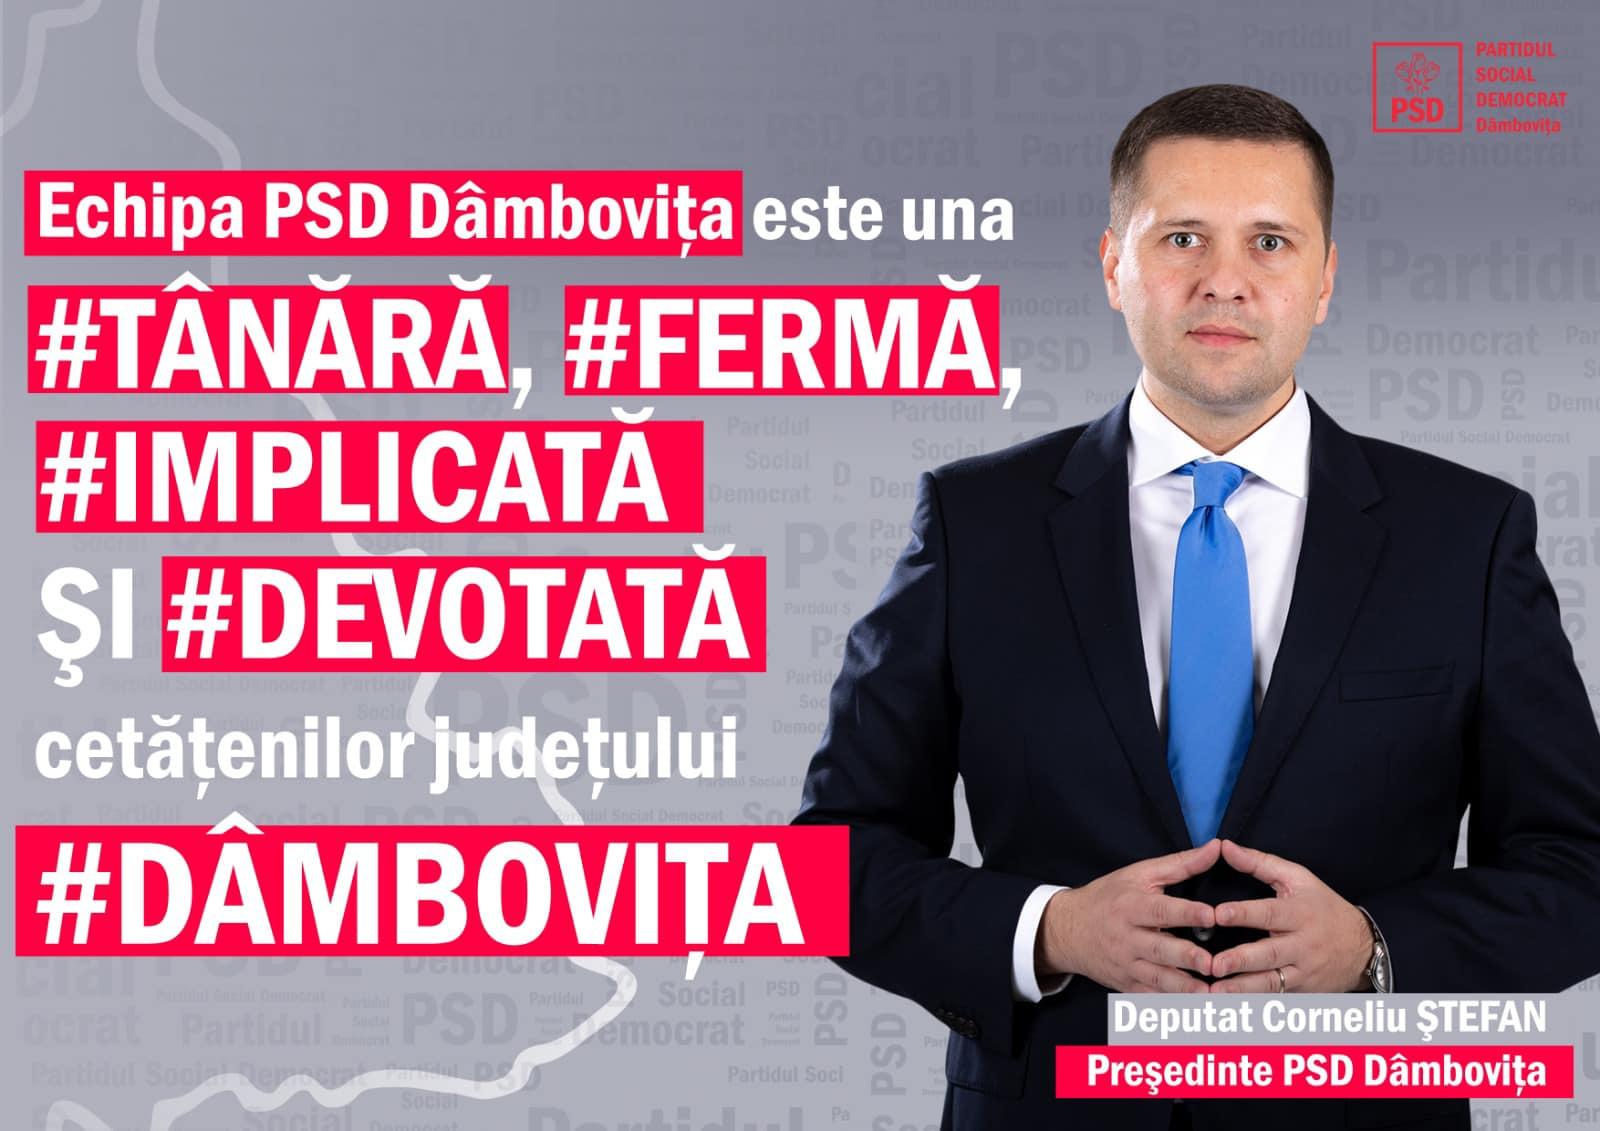 În acestă seară, în cadrul unei conferințe de presă la sediul PSD Dâmbovița, a fost anunțat cadidatul PSD la președinția CJ Dâmbovița pentru alegerile locale din 27 septembrie, în persoana deputatului Corneliu Ștefan  care este și președintele Organizației Județene.